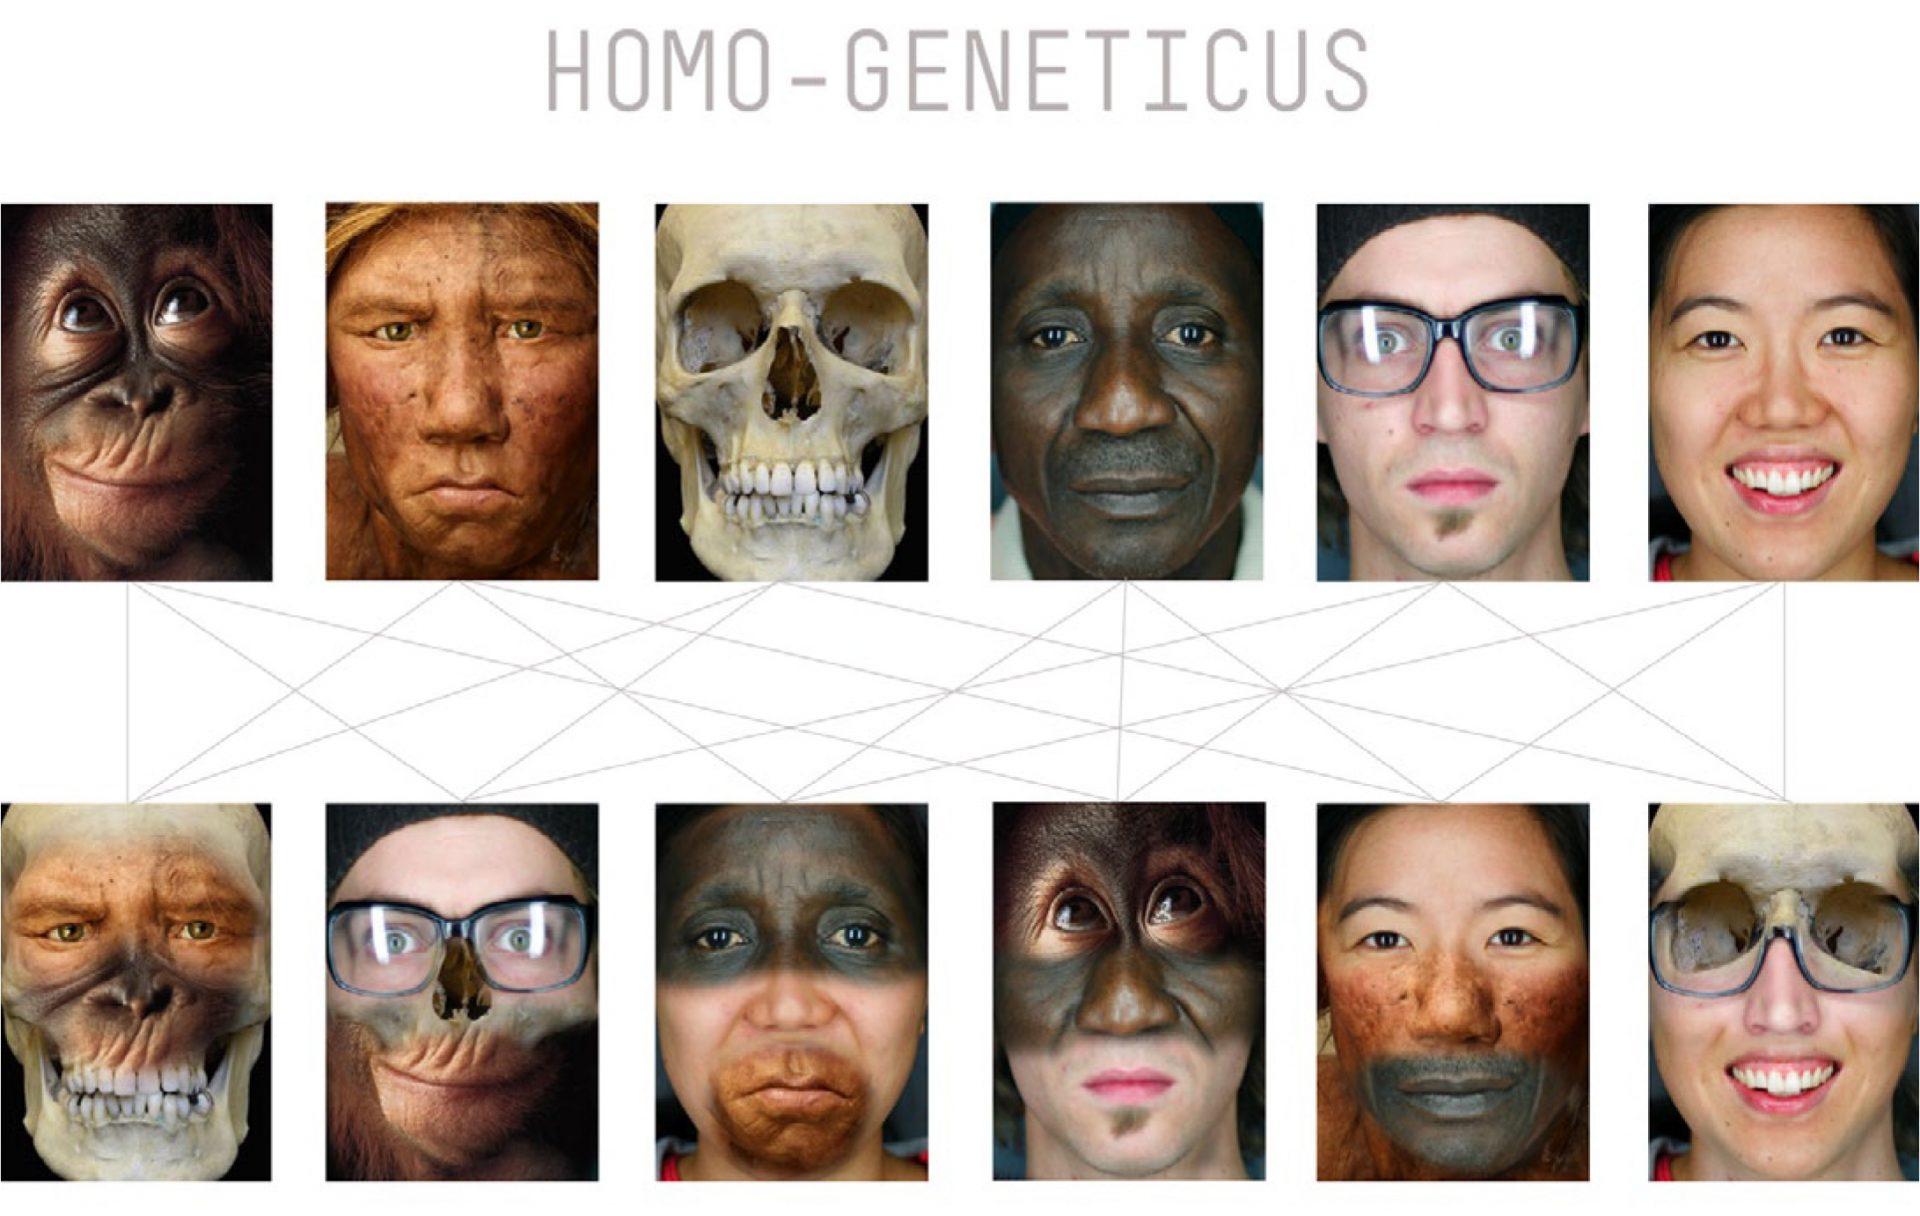 homogen1